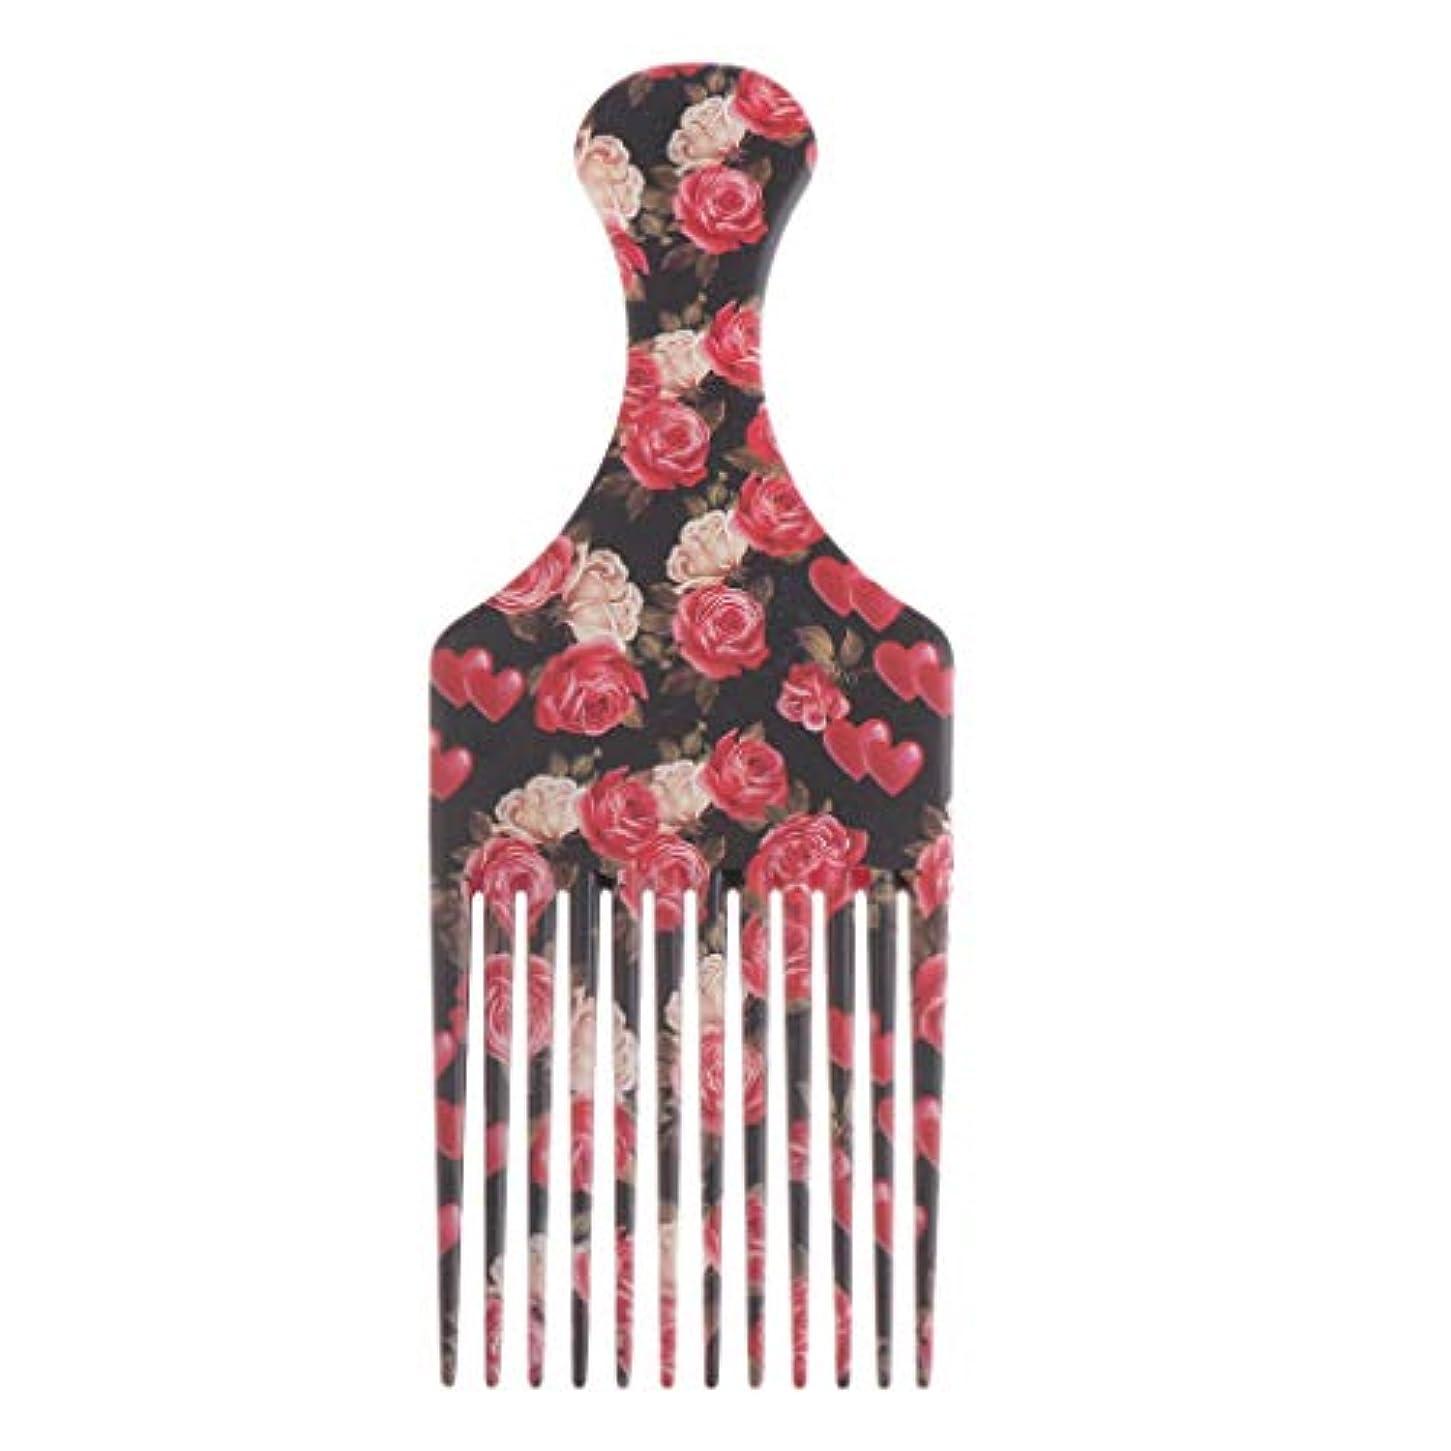 ピクニックをする焦げパターンヘアダイブラシ 毛染めコーム 髪染め用ヘアコーム サロン 美髪師用 DIY髪染め用 全3サイズ - 大